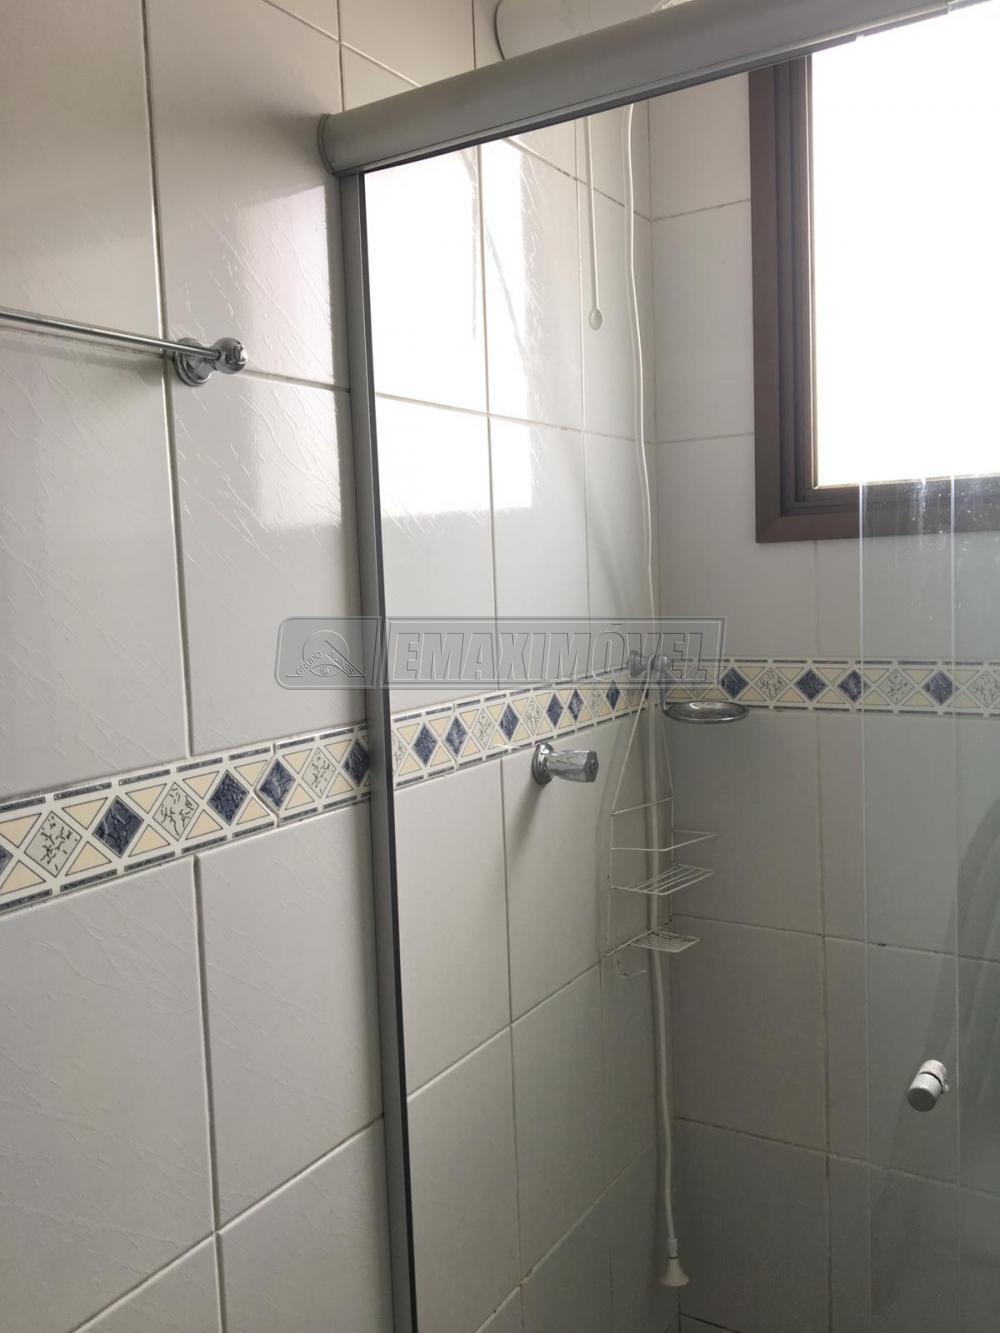 Comprar Apartamentos / Apto Padrão em Sorocaba apenas R$ 300.000,00 - Foto 11